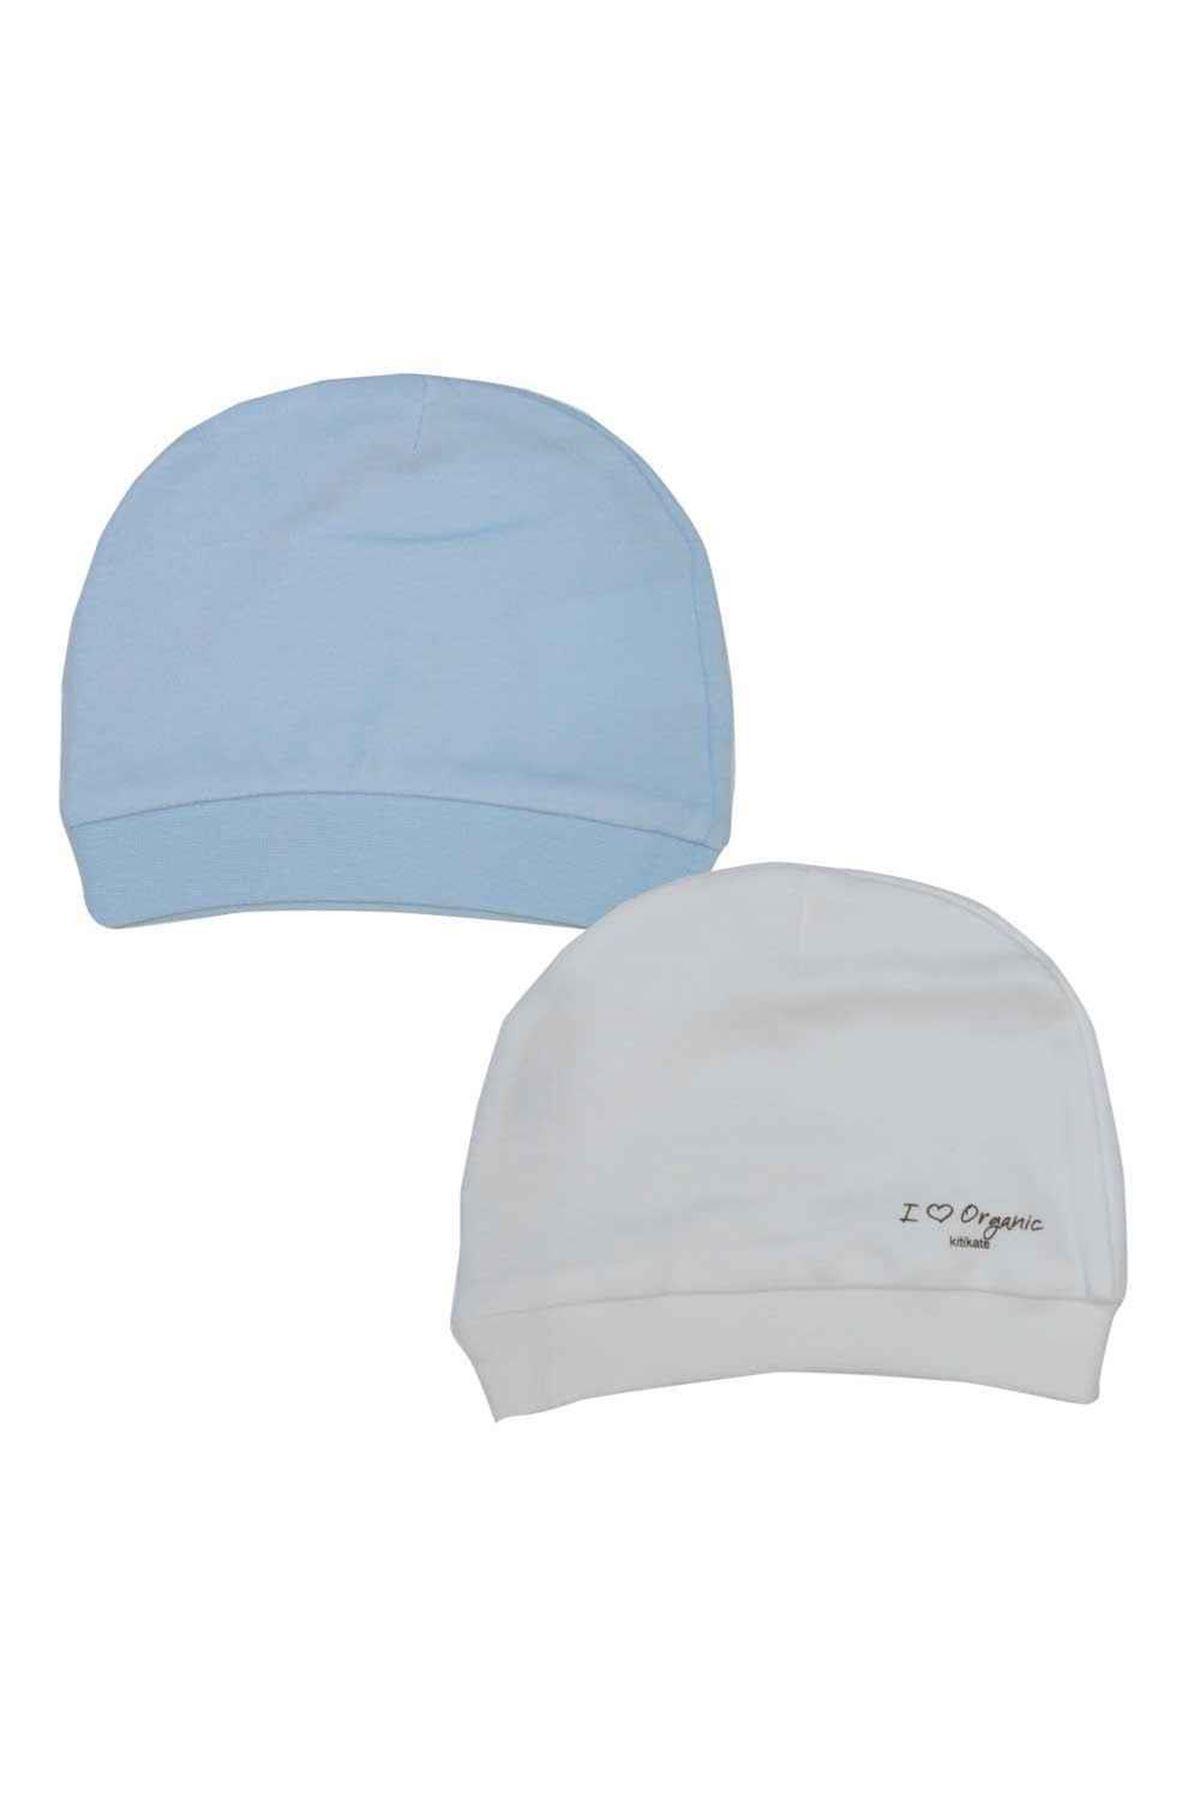 KitiKate Organik Basic 2 li Şapka 76056 Ekru Mavi